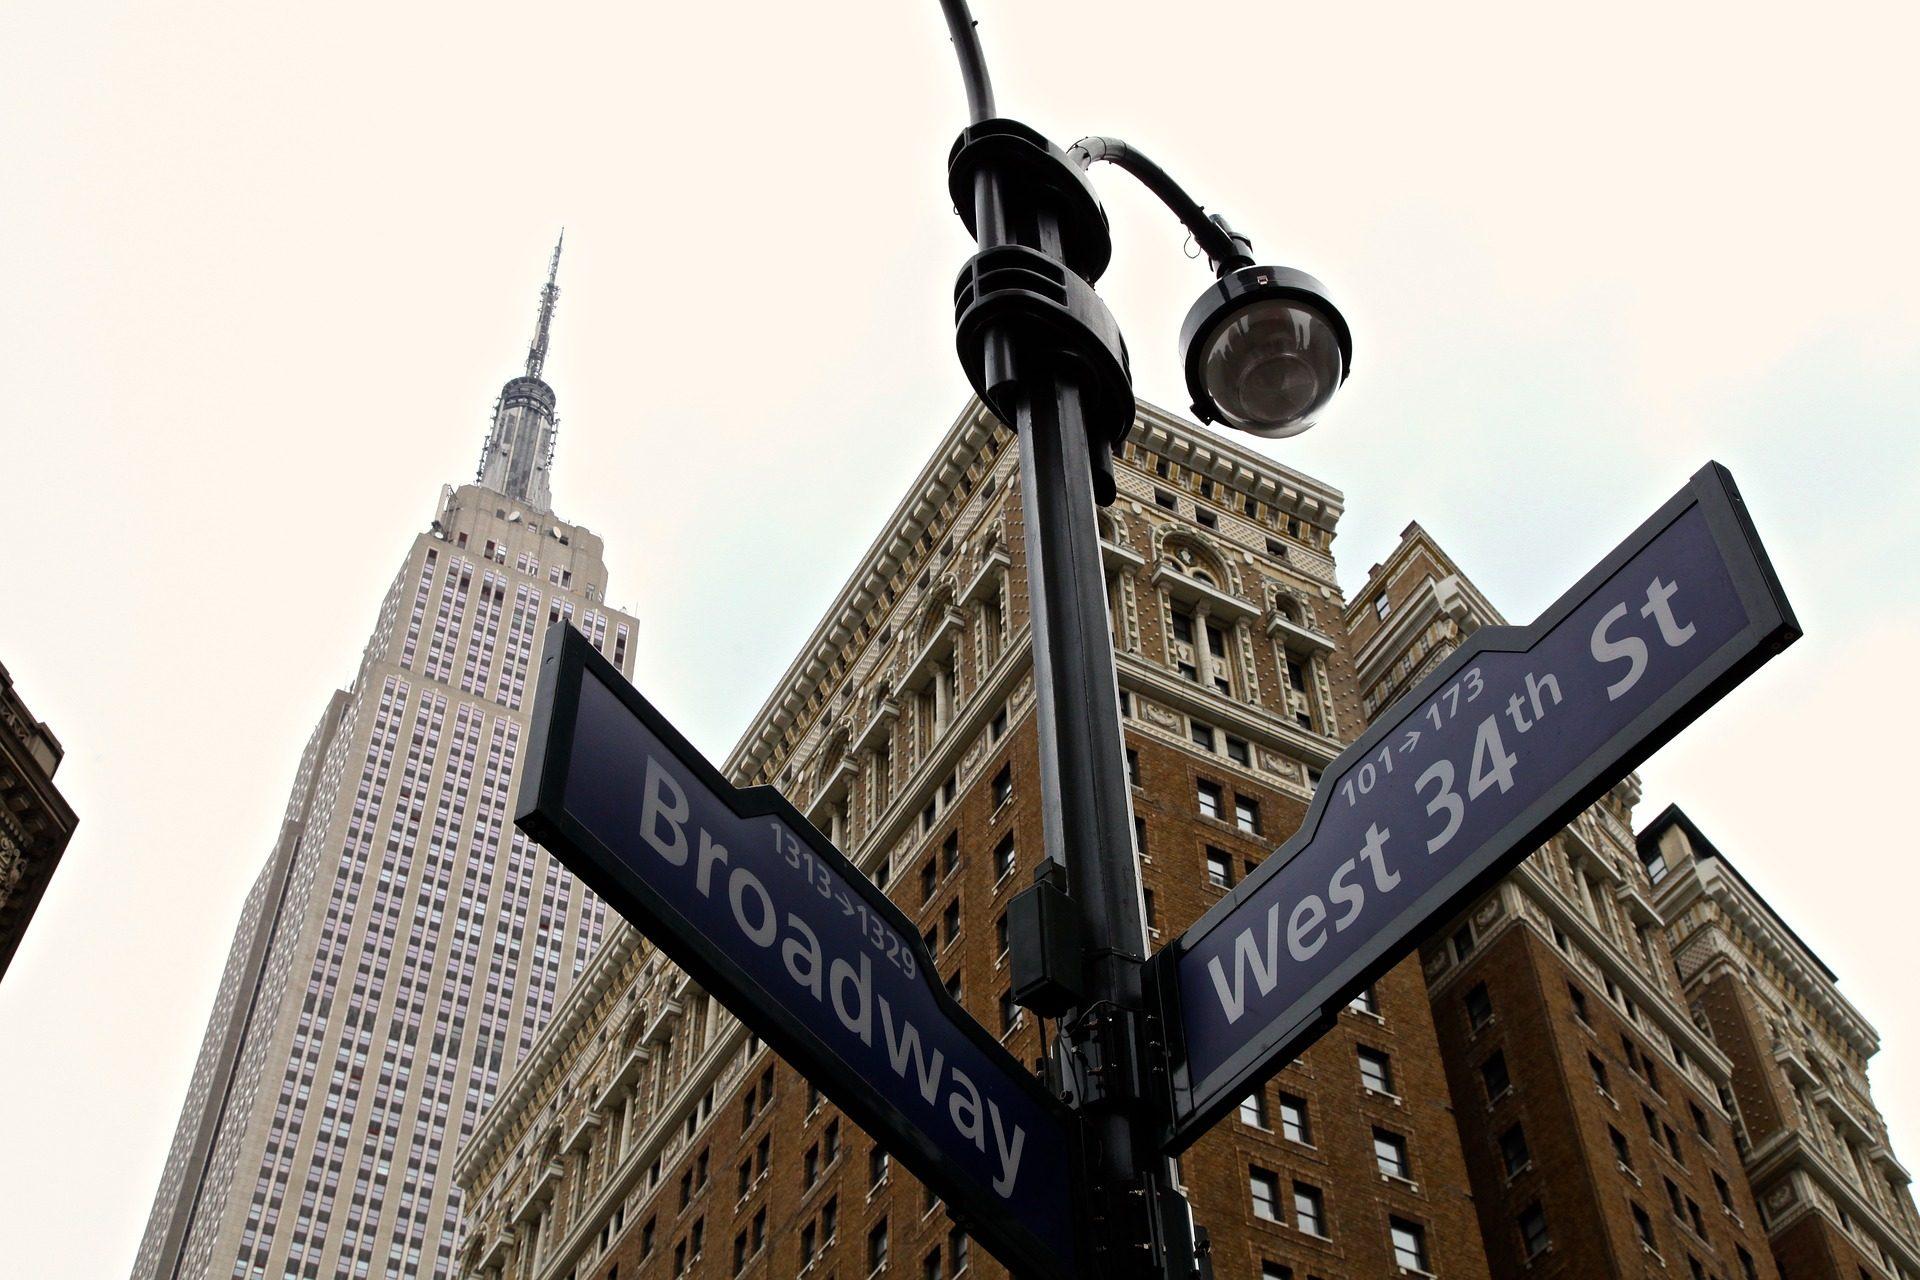 शहर, गगनचुंबी इमारत, señales, सड़कों पर, दिशा-निर्देश, न्यू यार्क - HD वॉलपेपर - प्रोफेसर-falken.com